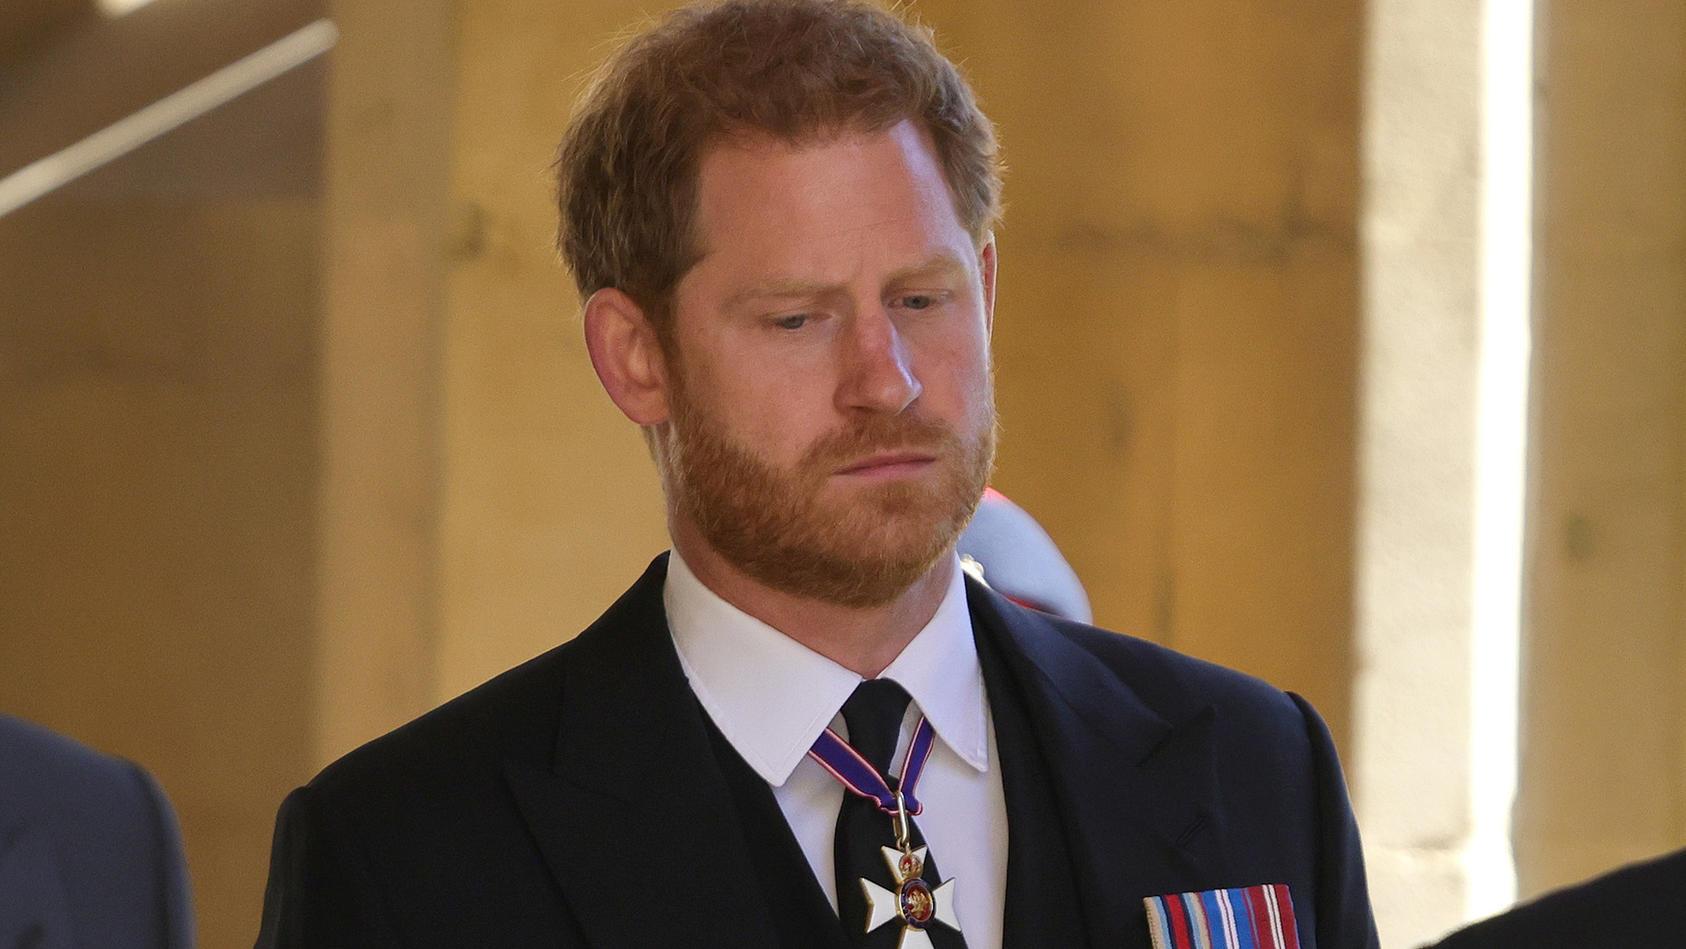 Prinz Harry bei der Trauerfeier und Beisetzung von Prinz Philip auf Schloss Windsor